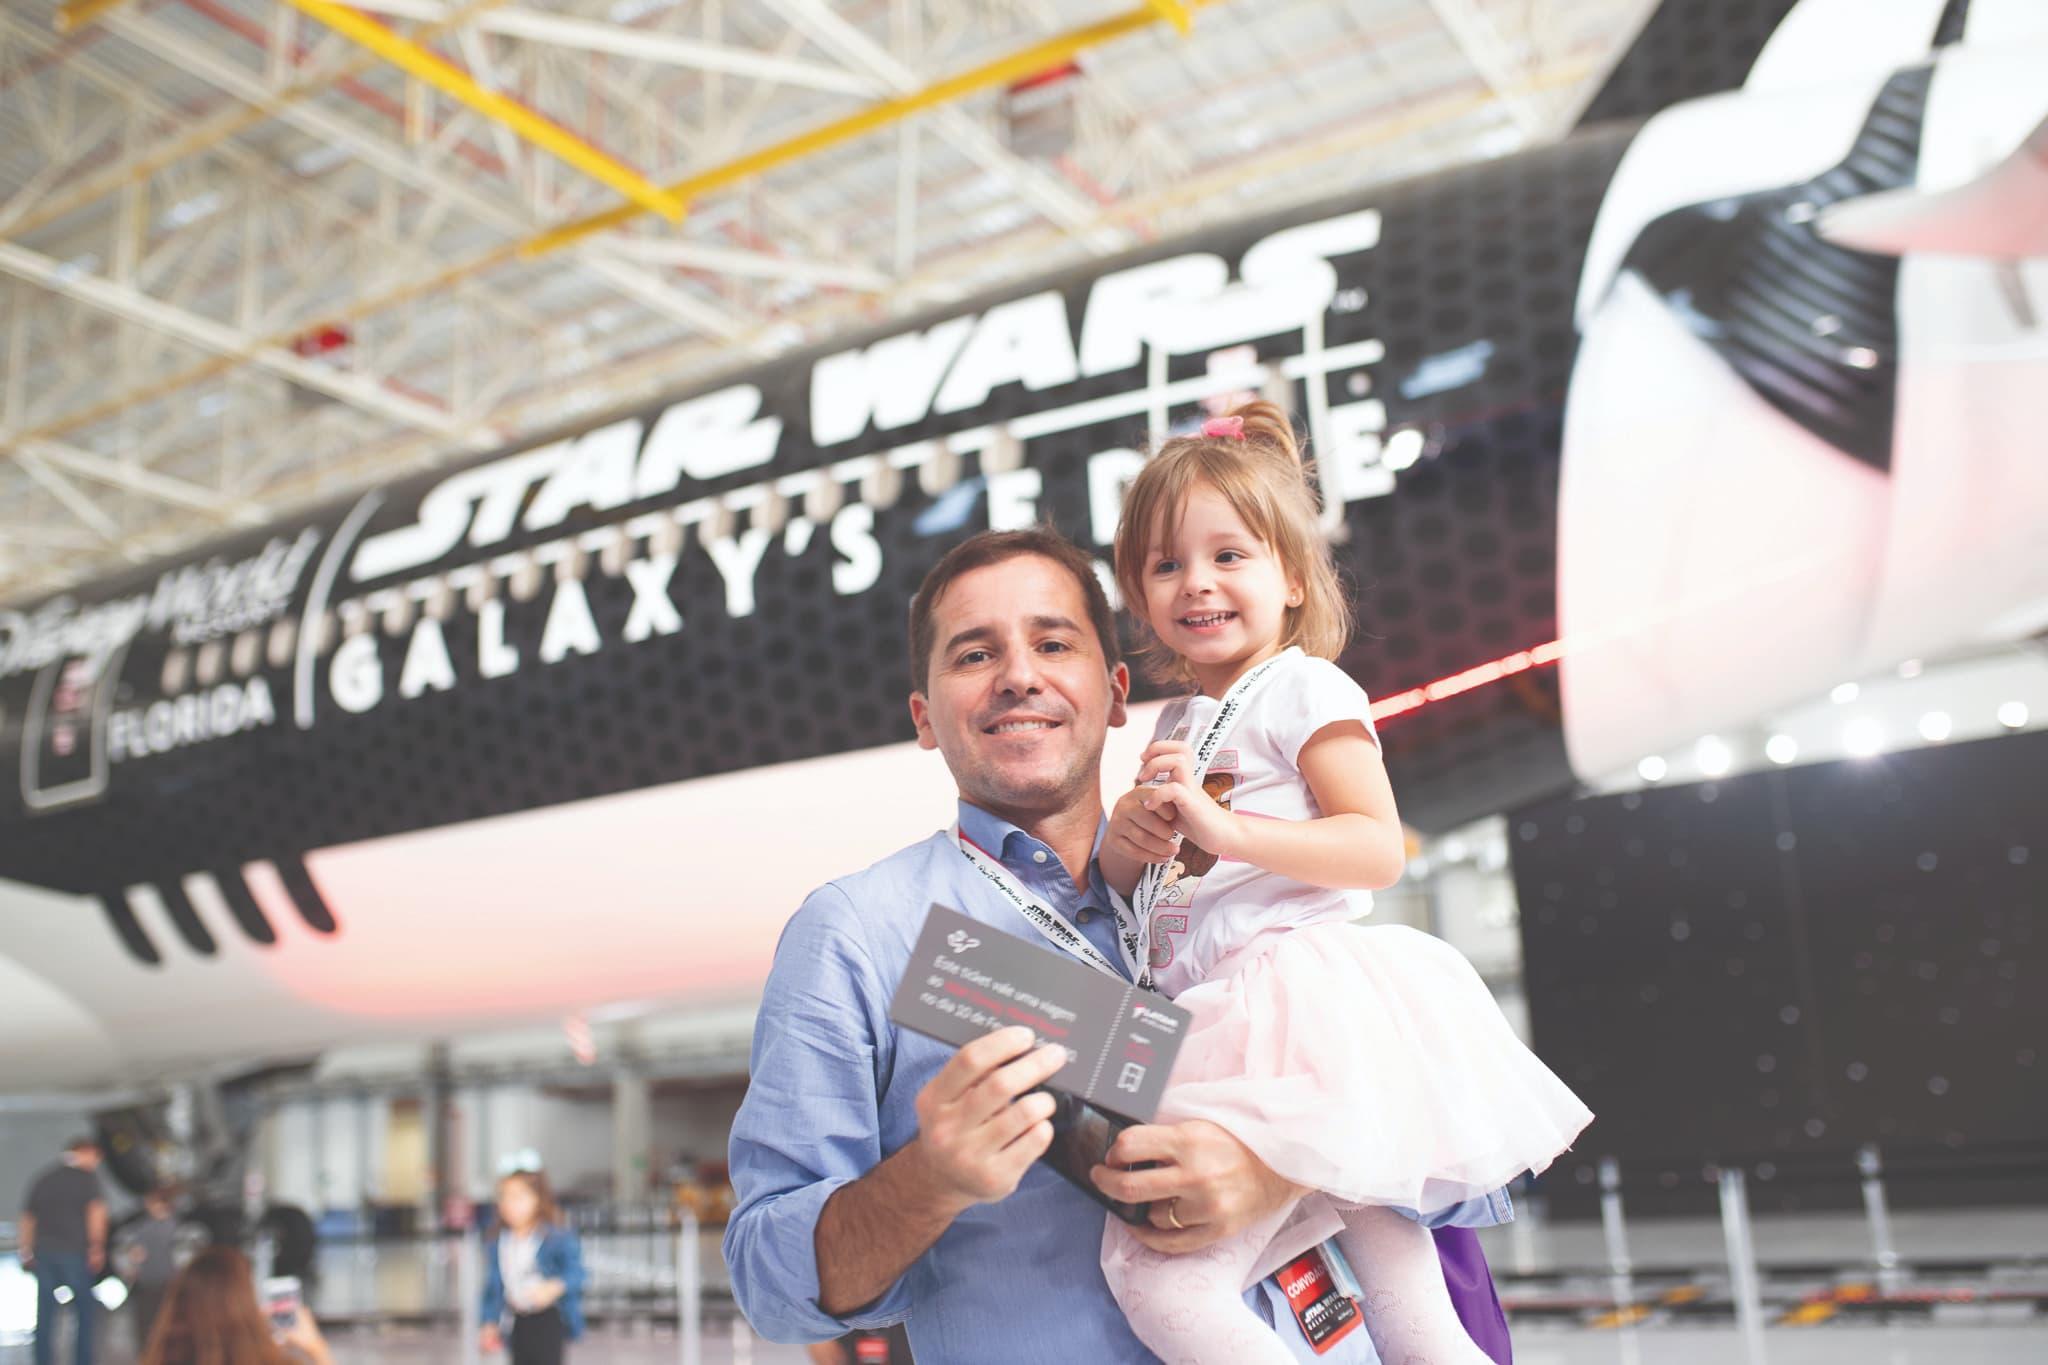 Área de Star Wars na Disney inspira adesivagem de avião da Latam